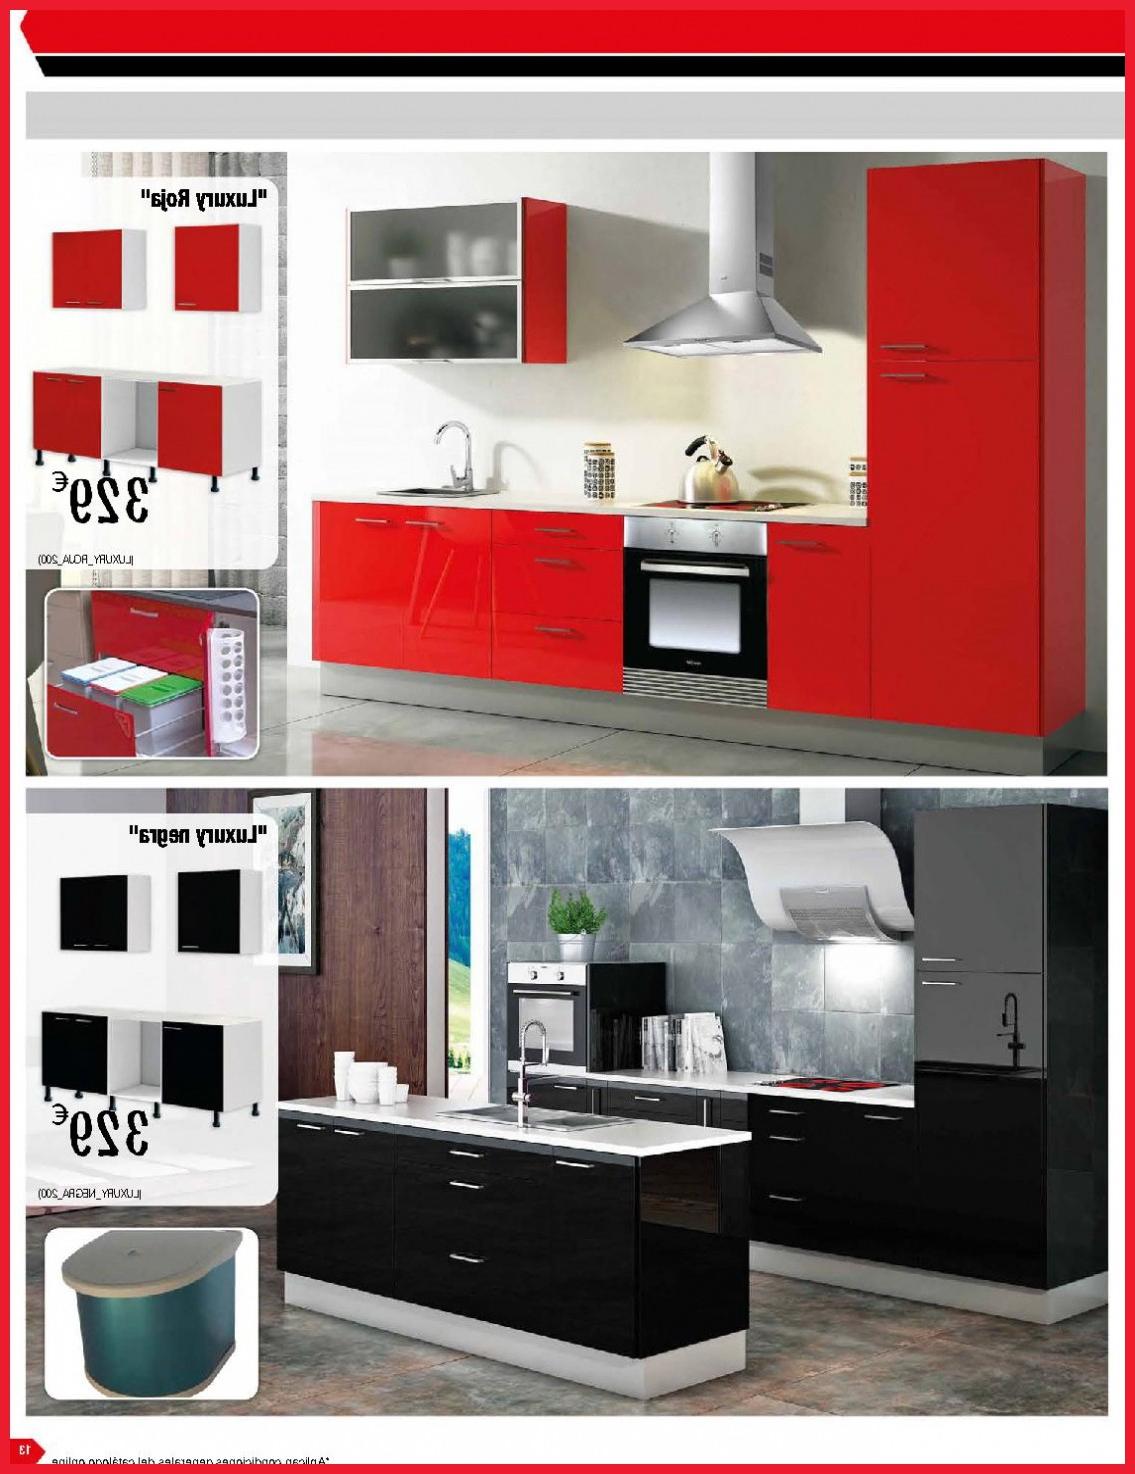 Muebles De Cocina Online Q5df Muebles Cocina Online Muebles Muebles Cocina Bauhaus